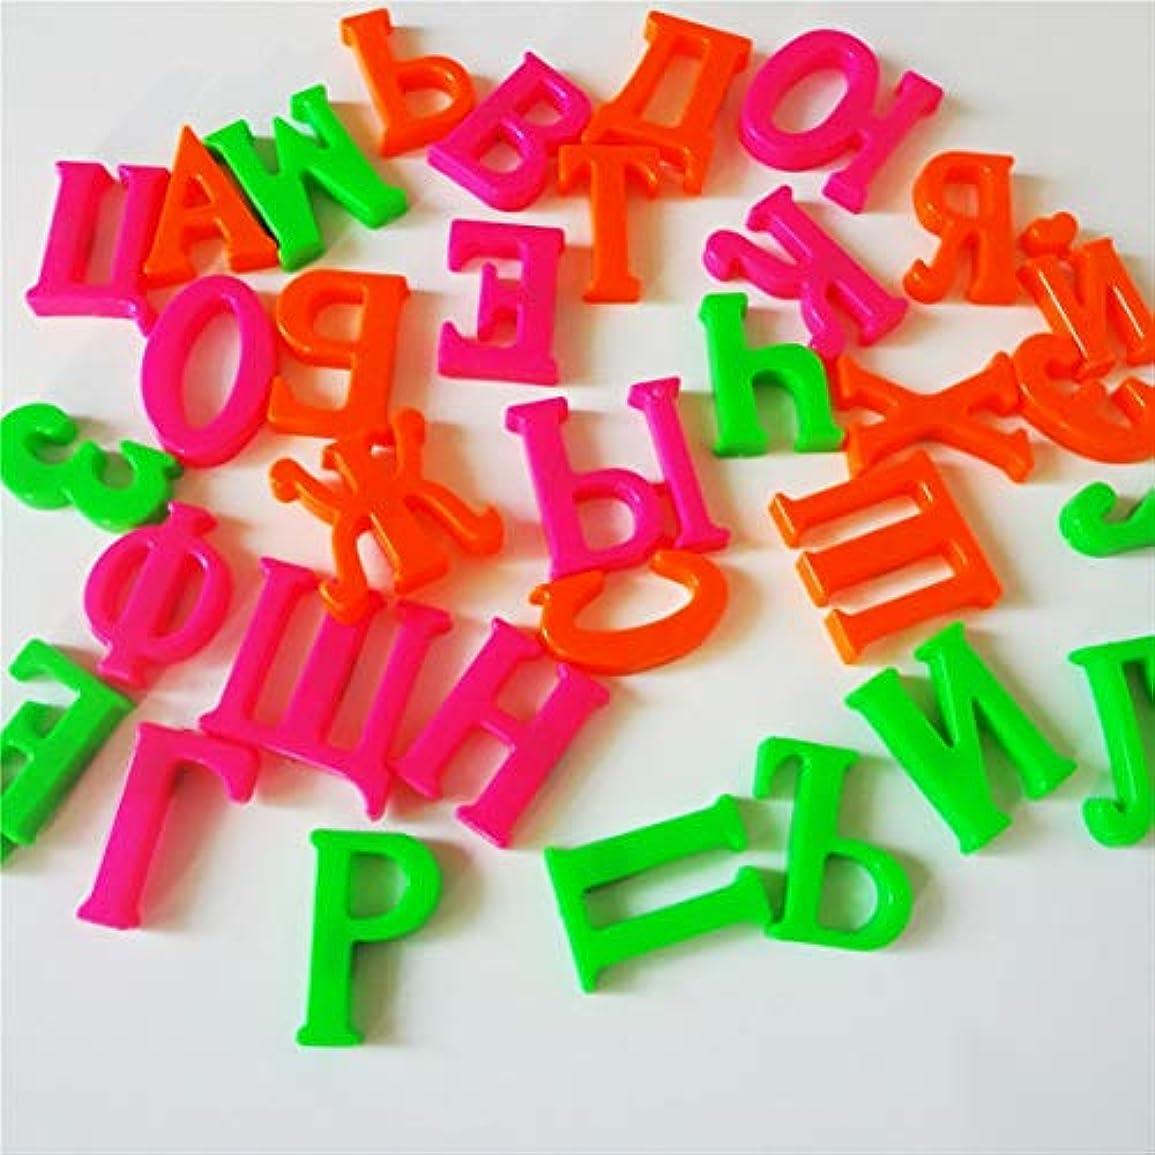 なぞらえる名誉サンダースKongqiabona 33個のロシアのアルファベットの冷蔵庫の磁石赤ちゃん教育学習玩具